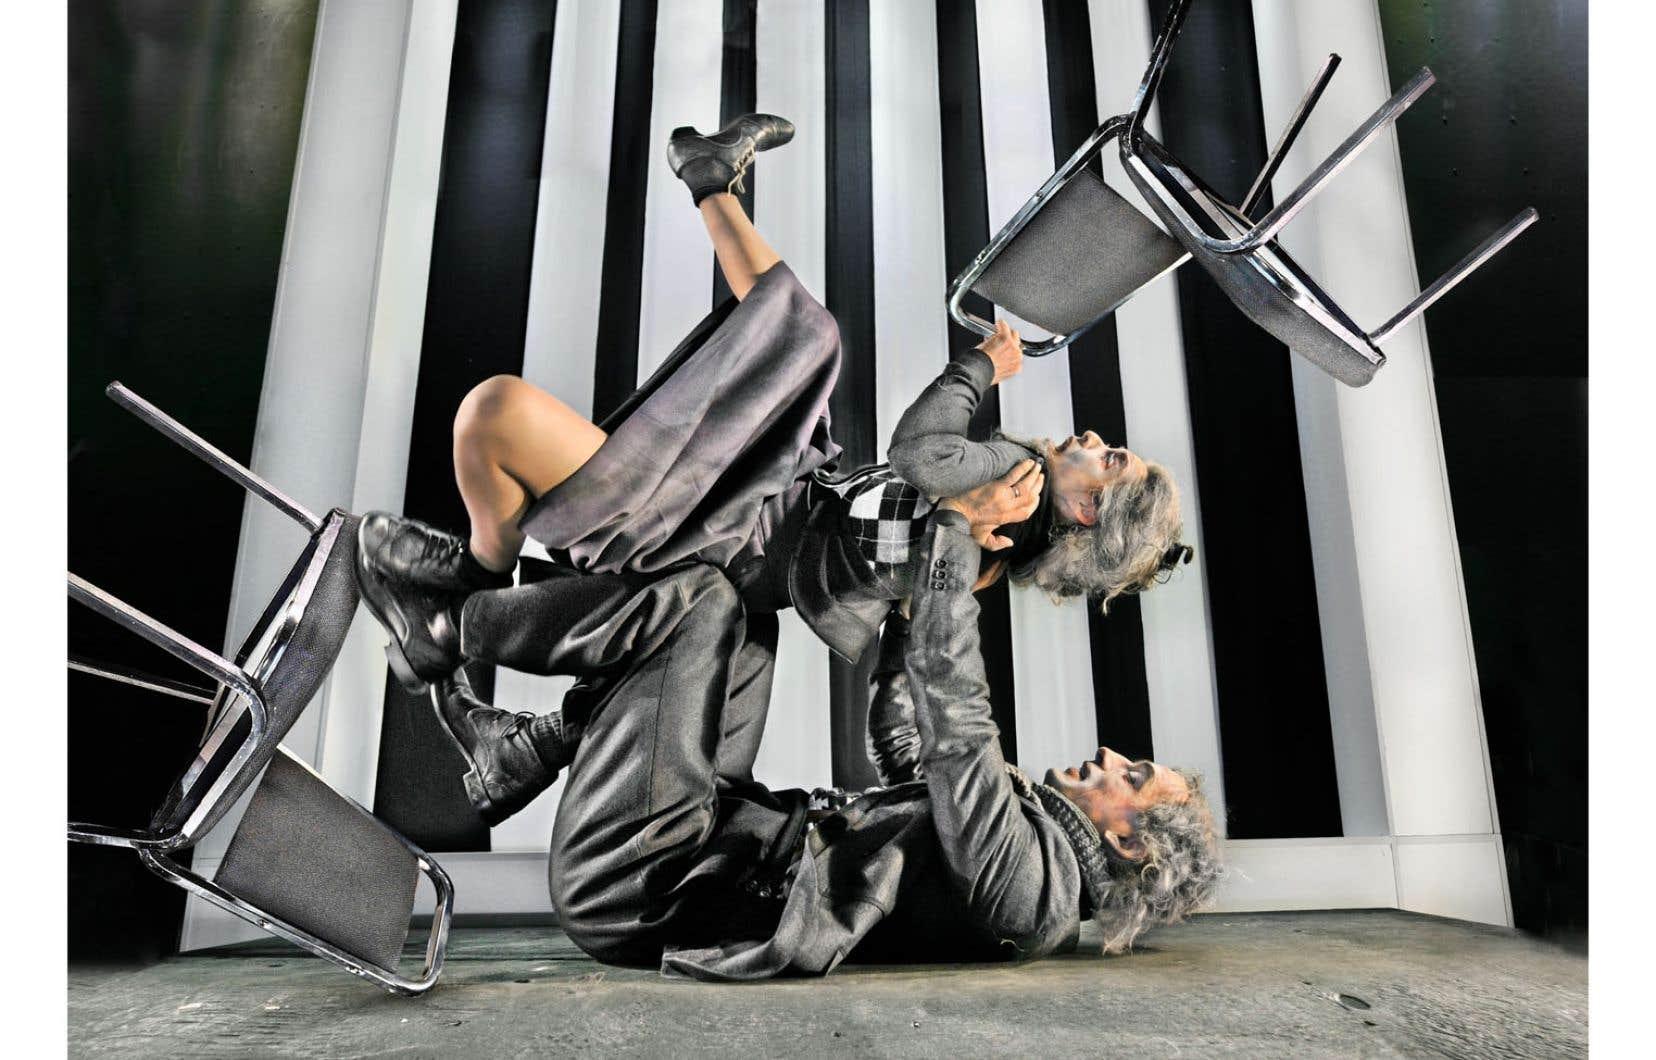 Un moment de la chorégraphie des Chaises, d'après l'œuvre d'Eugène Ionesco